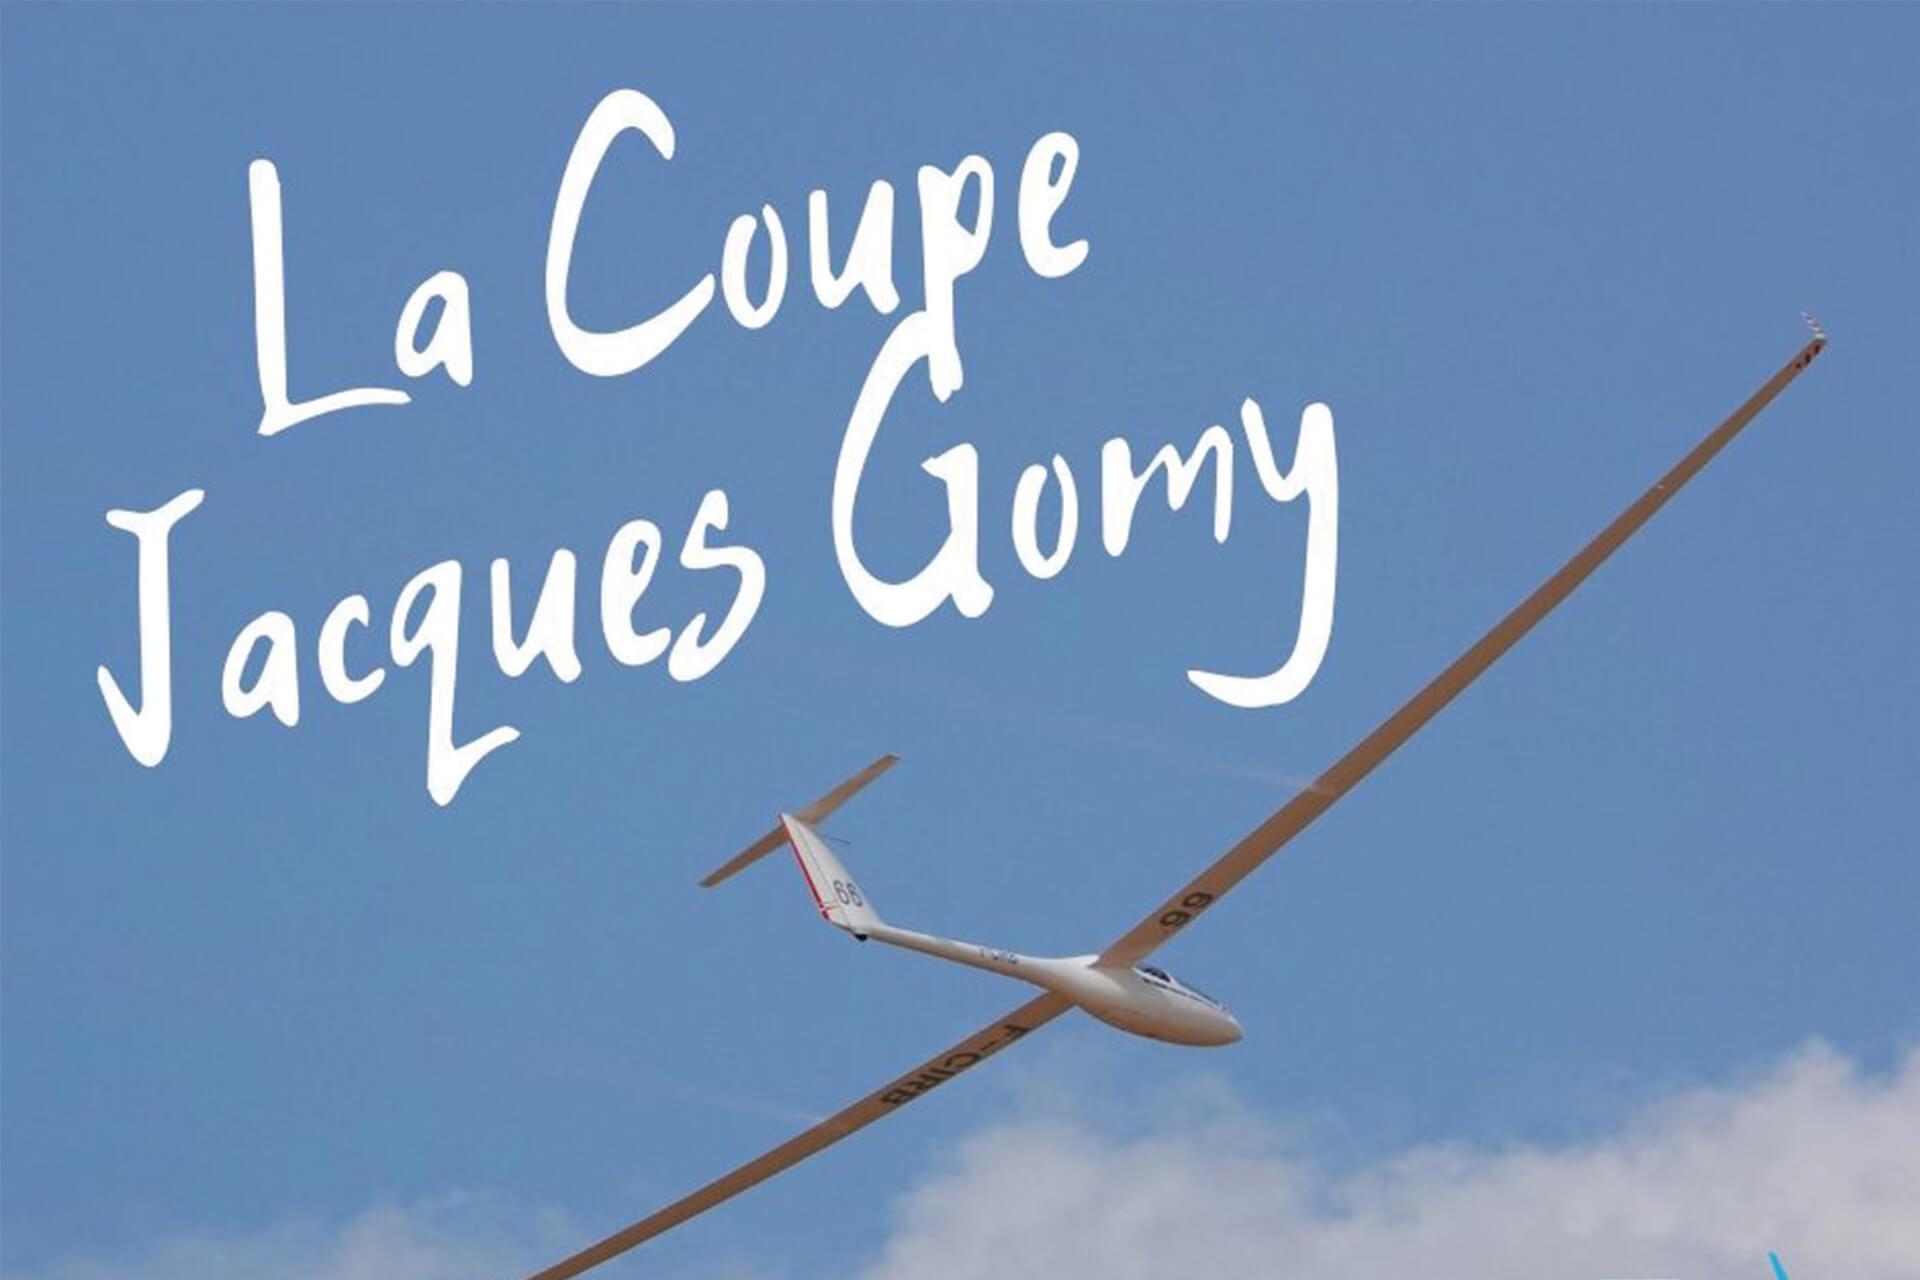 Les résultats de la Coupe Jacques Gomy 2019